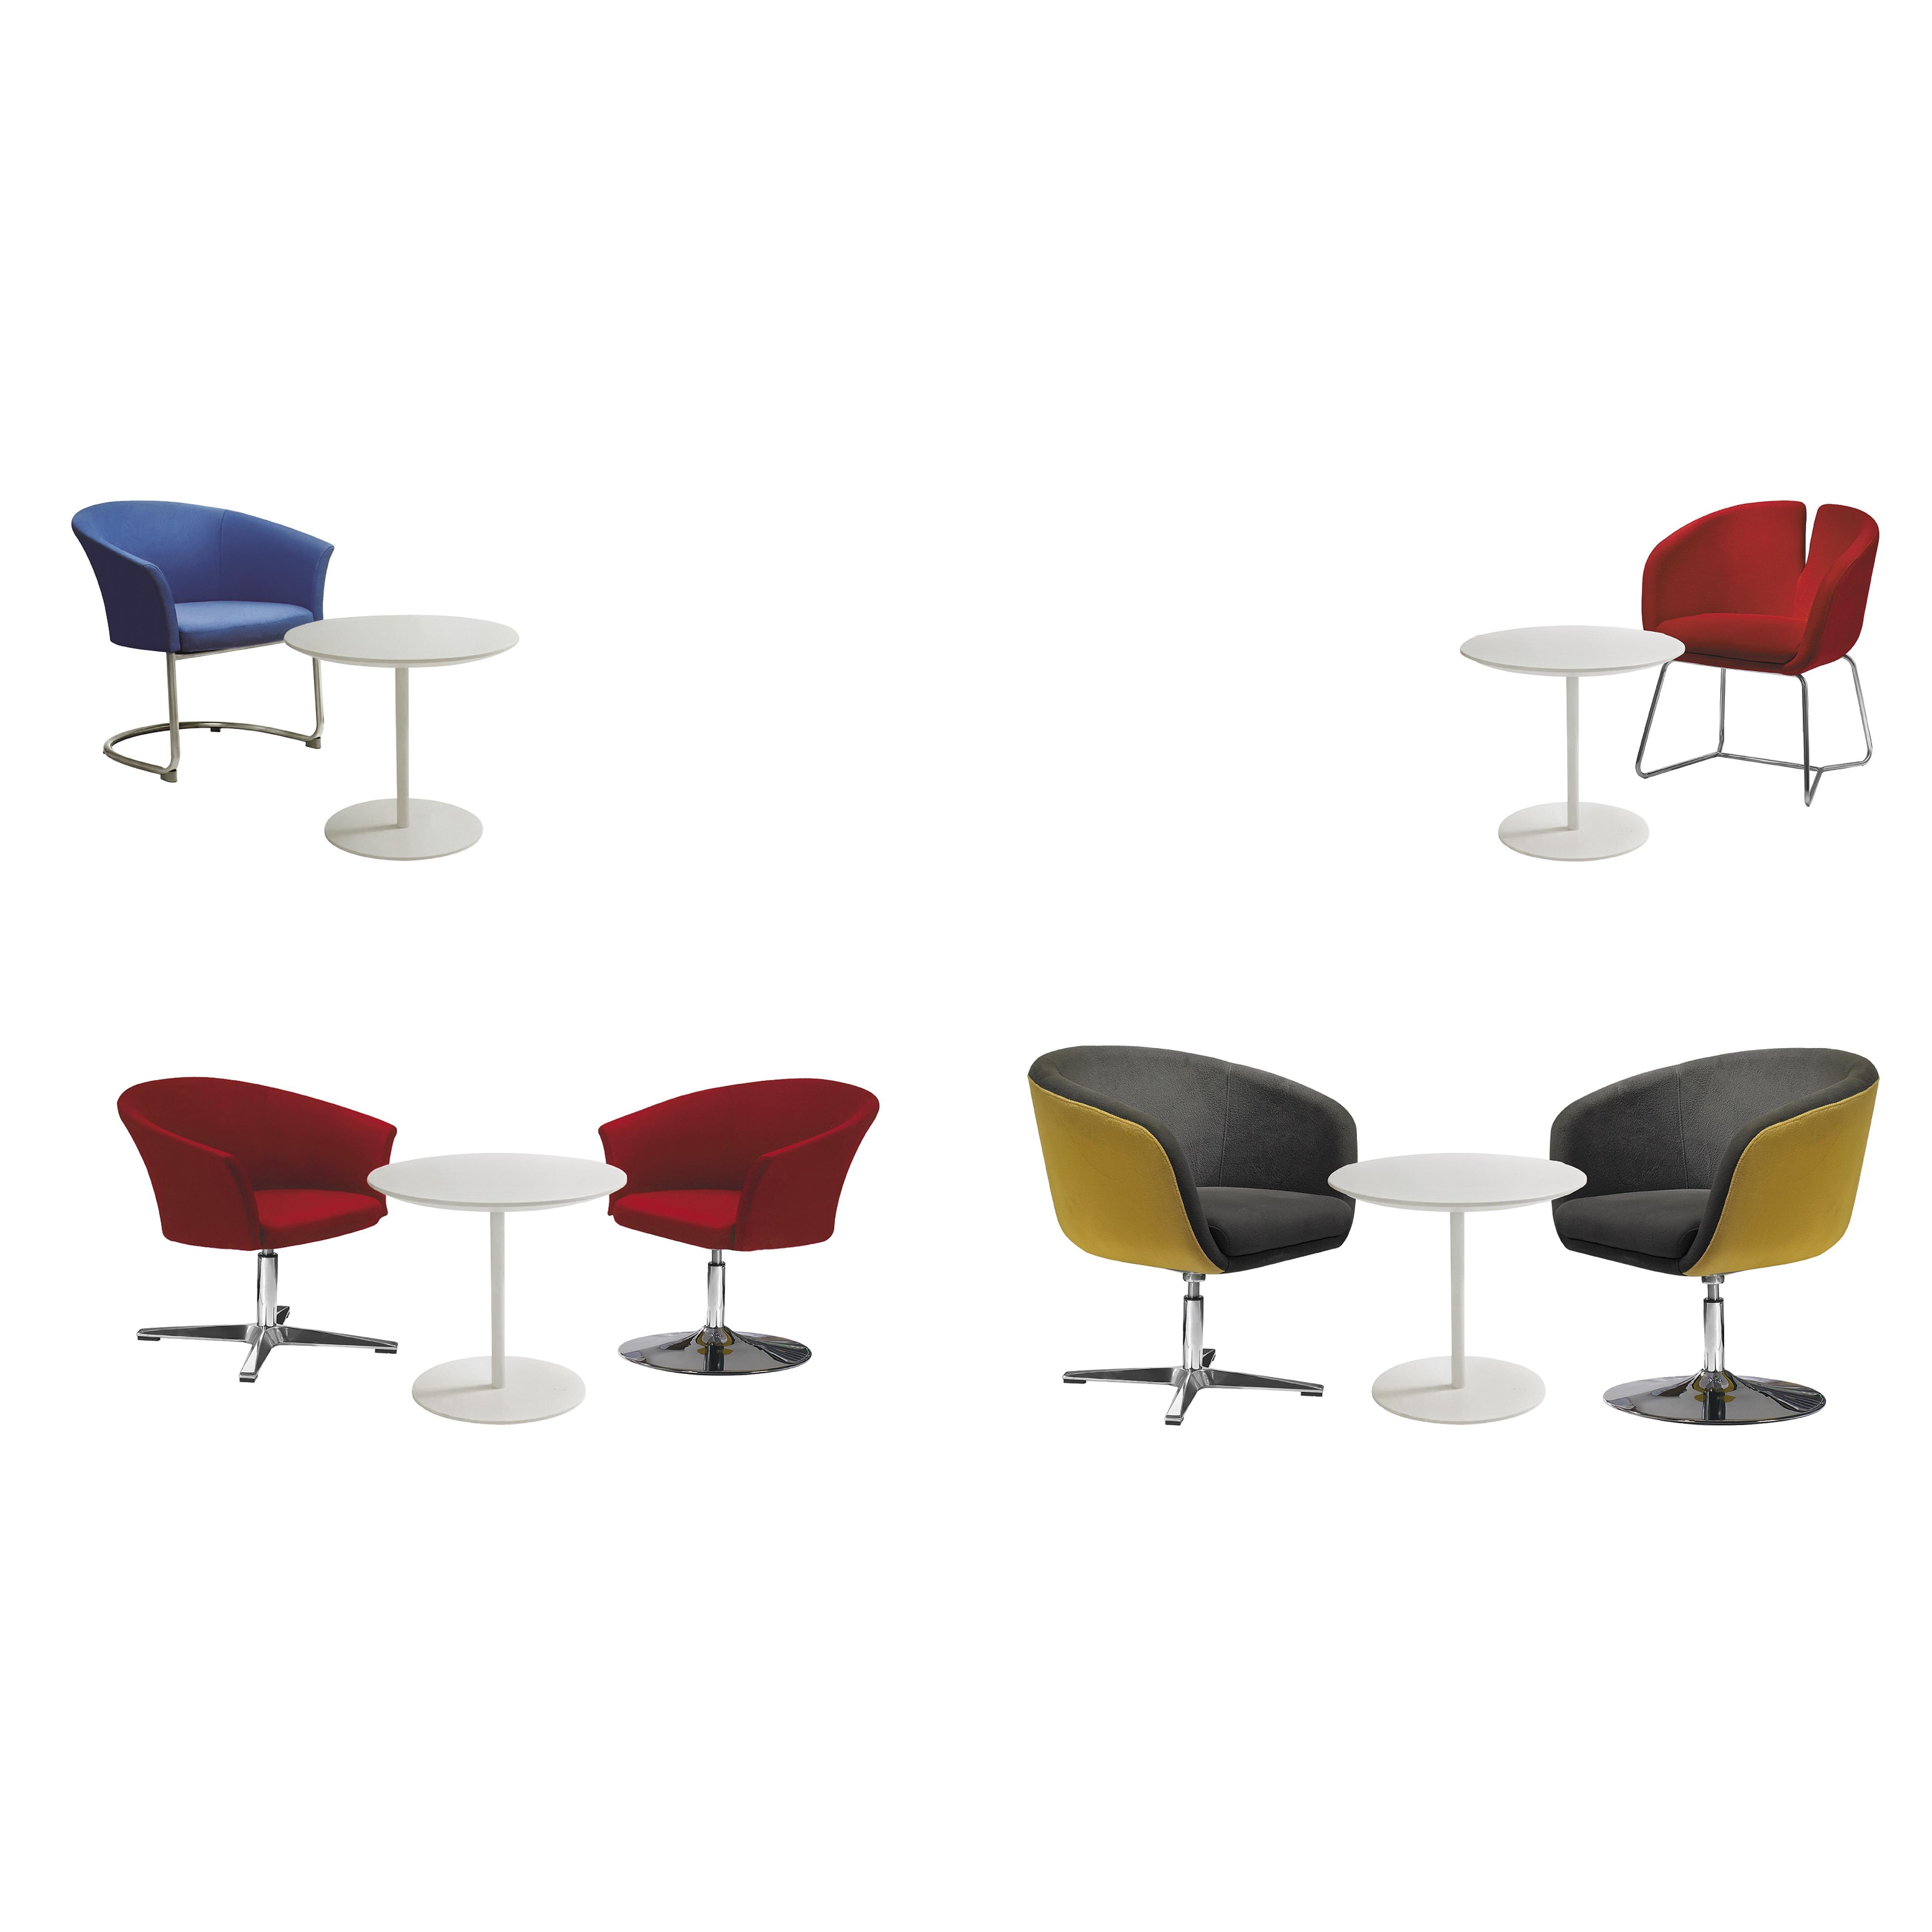 Можно установить в приемной Генеральный директор номер высокого класса, офисная мебель, диван для офисного использования от производителей (Бразилия)